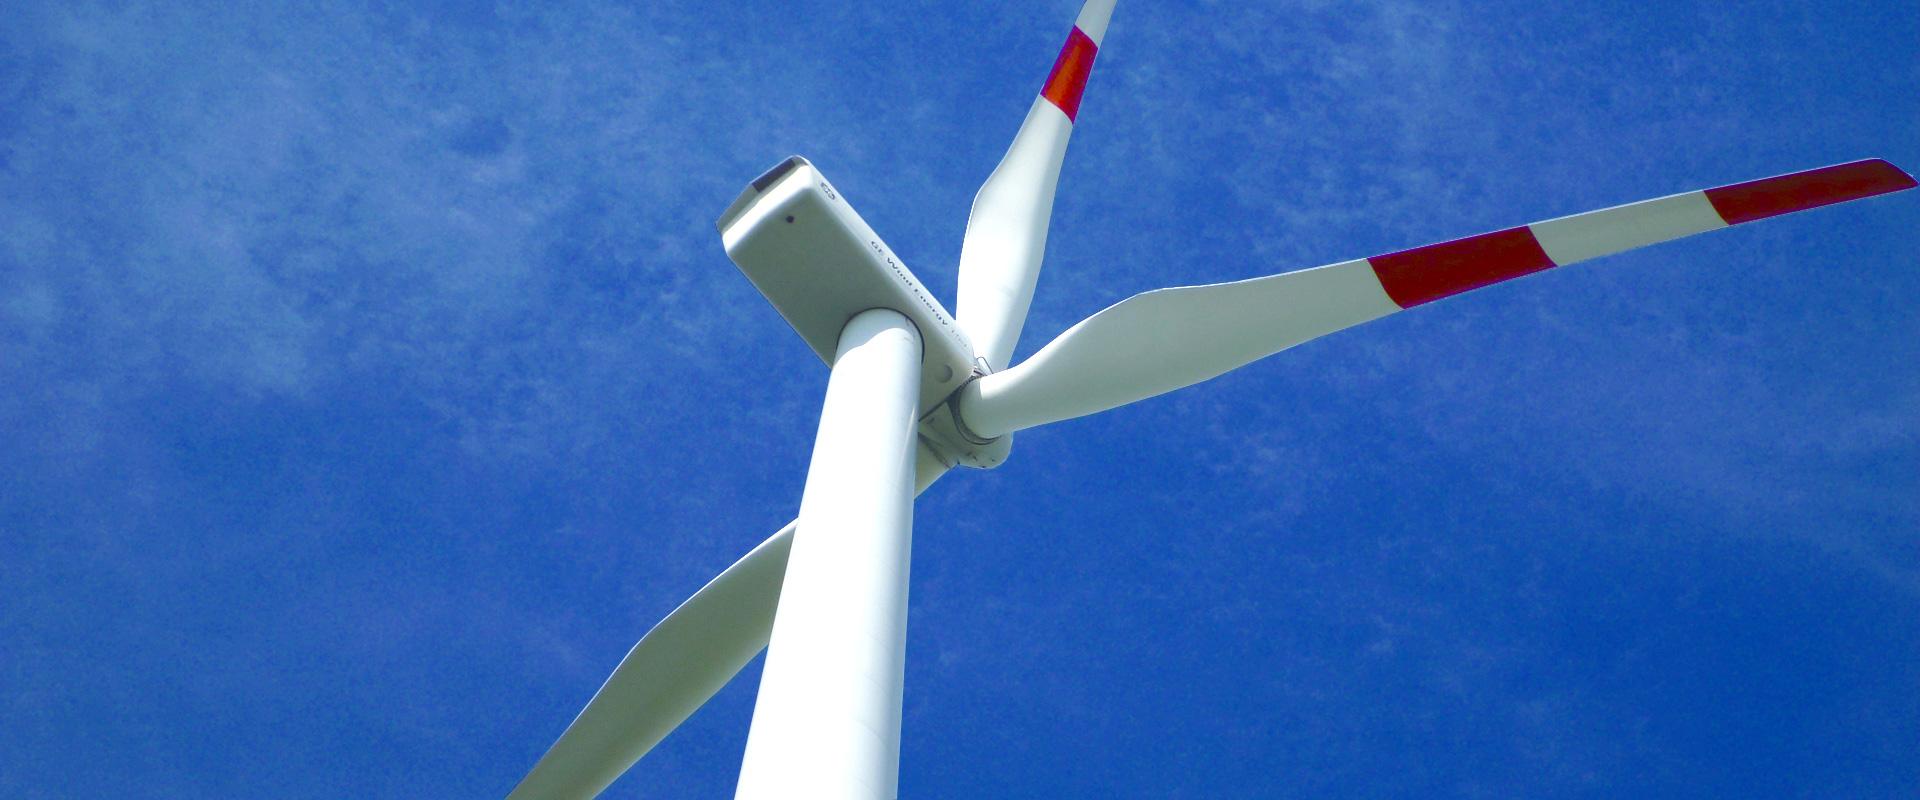 ARS Windpower